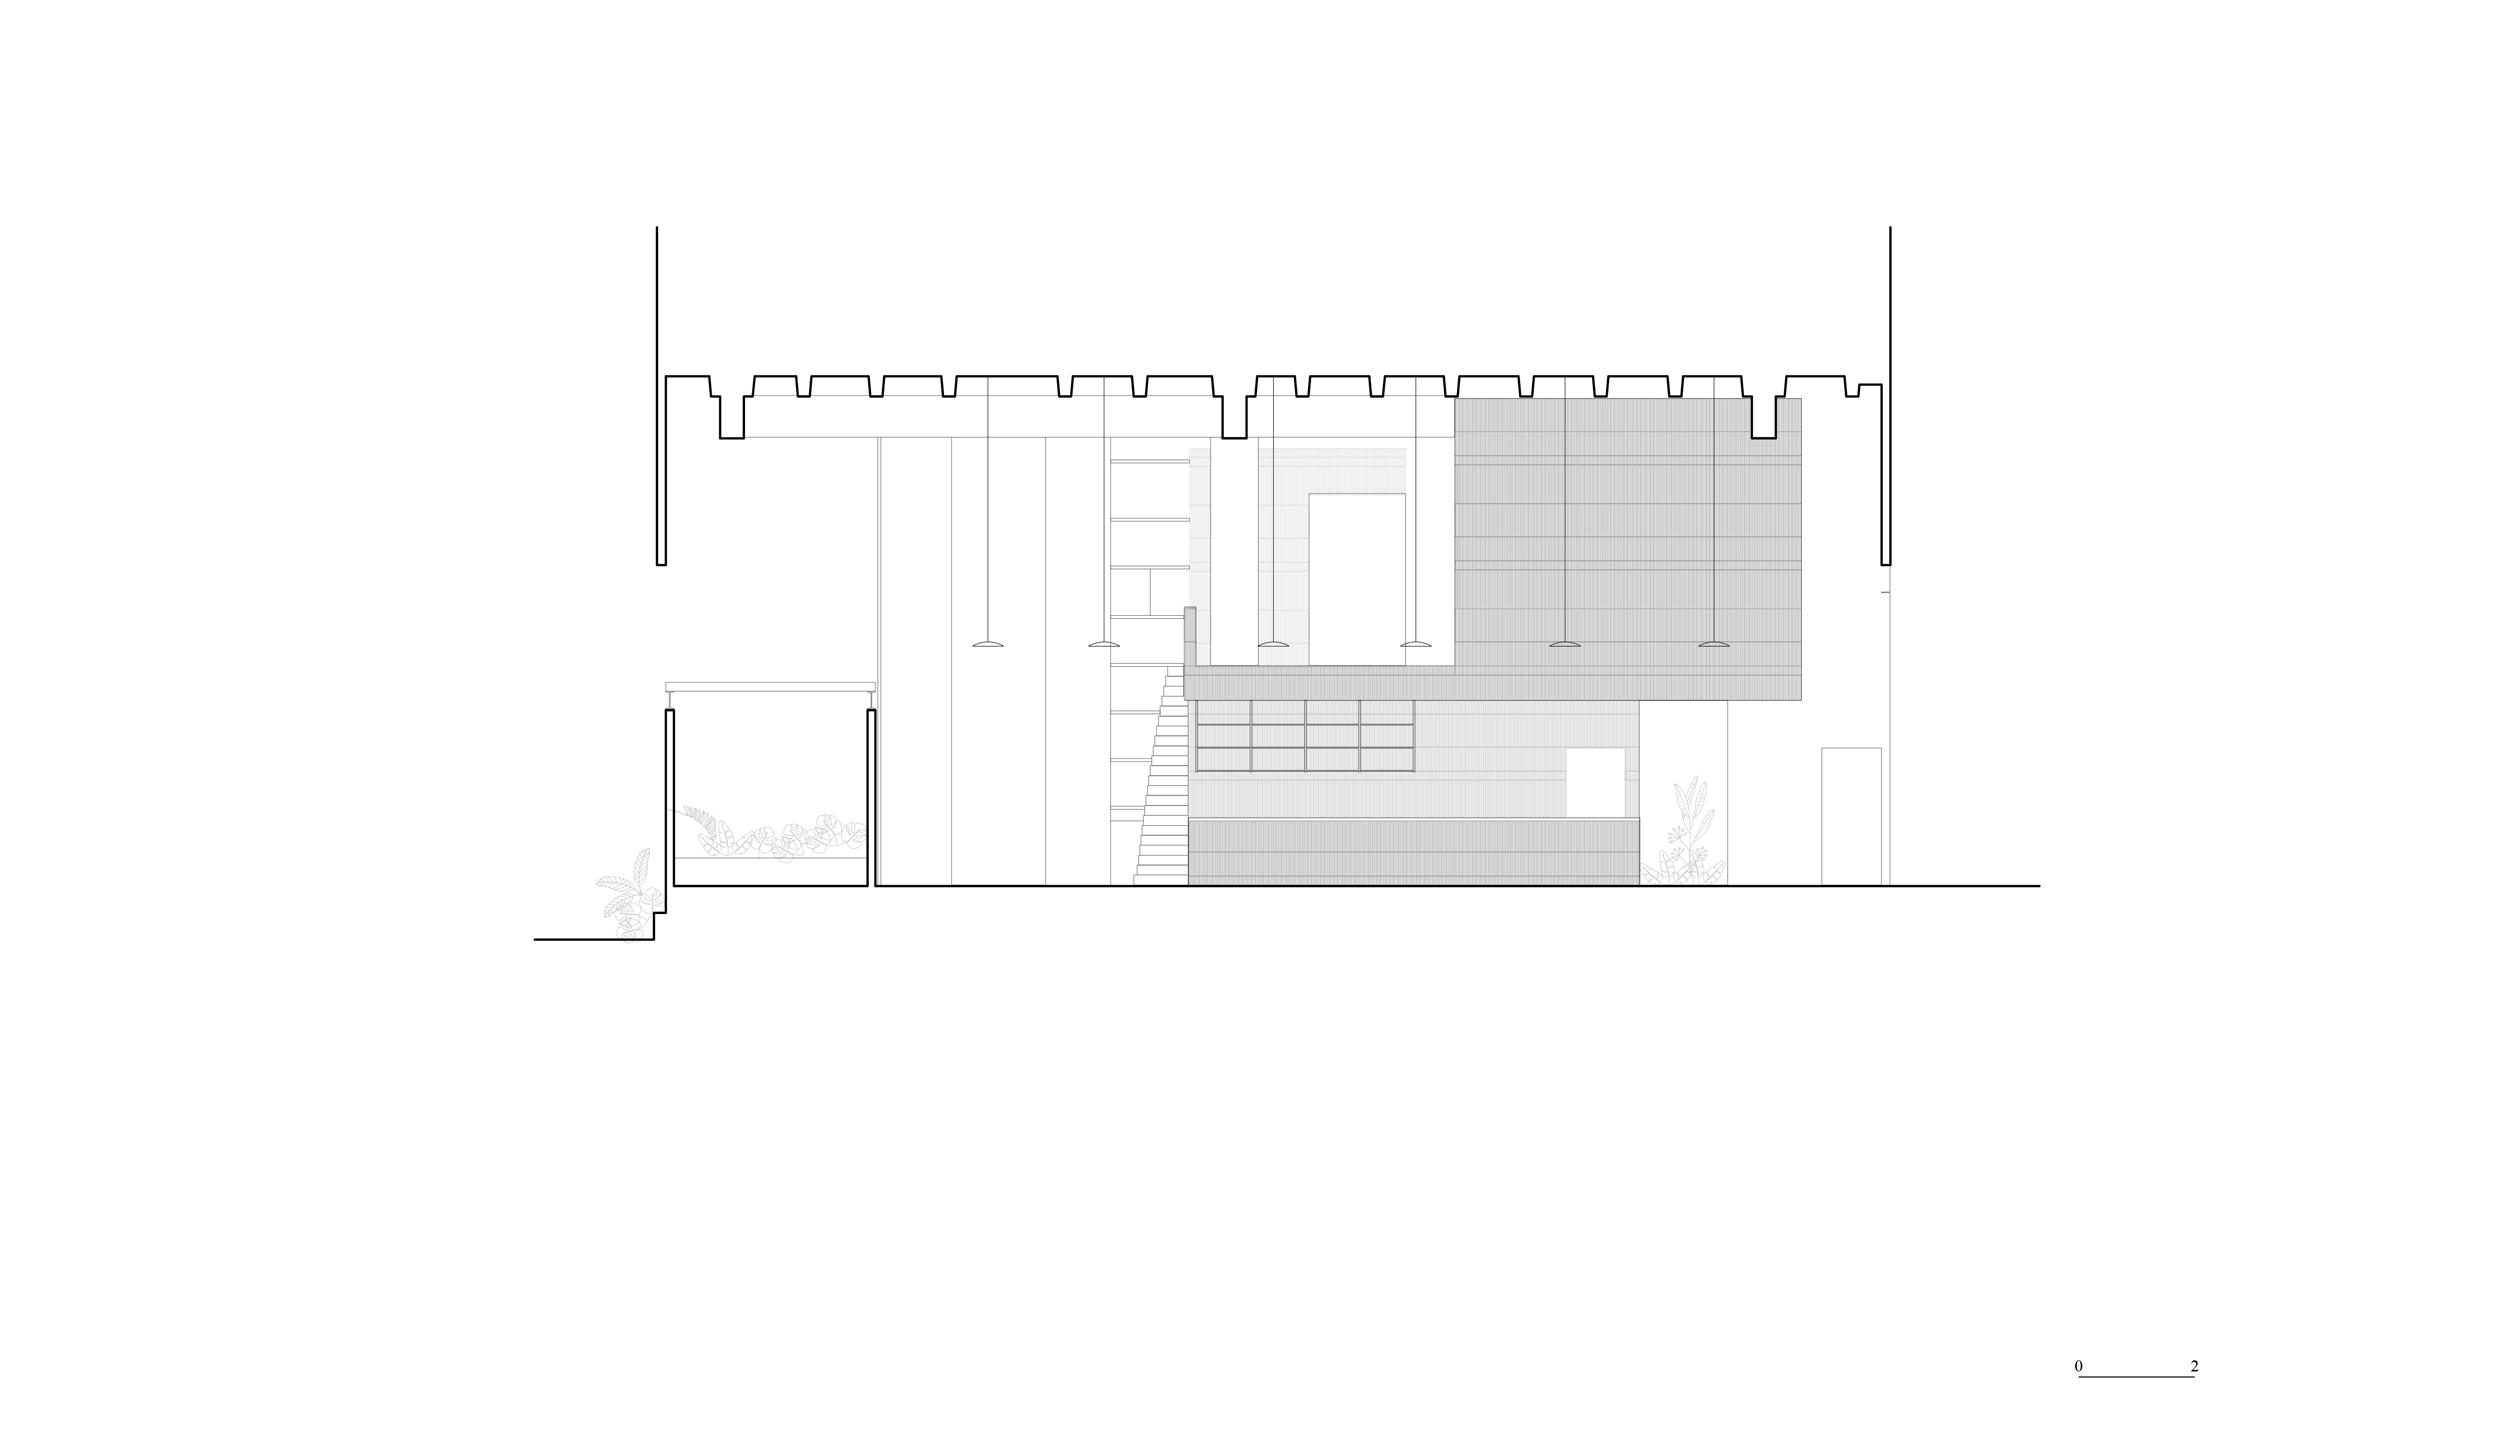 bavette-section-02.jpg